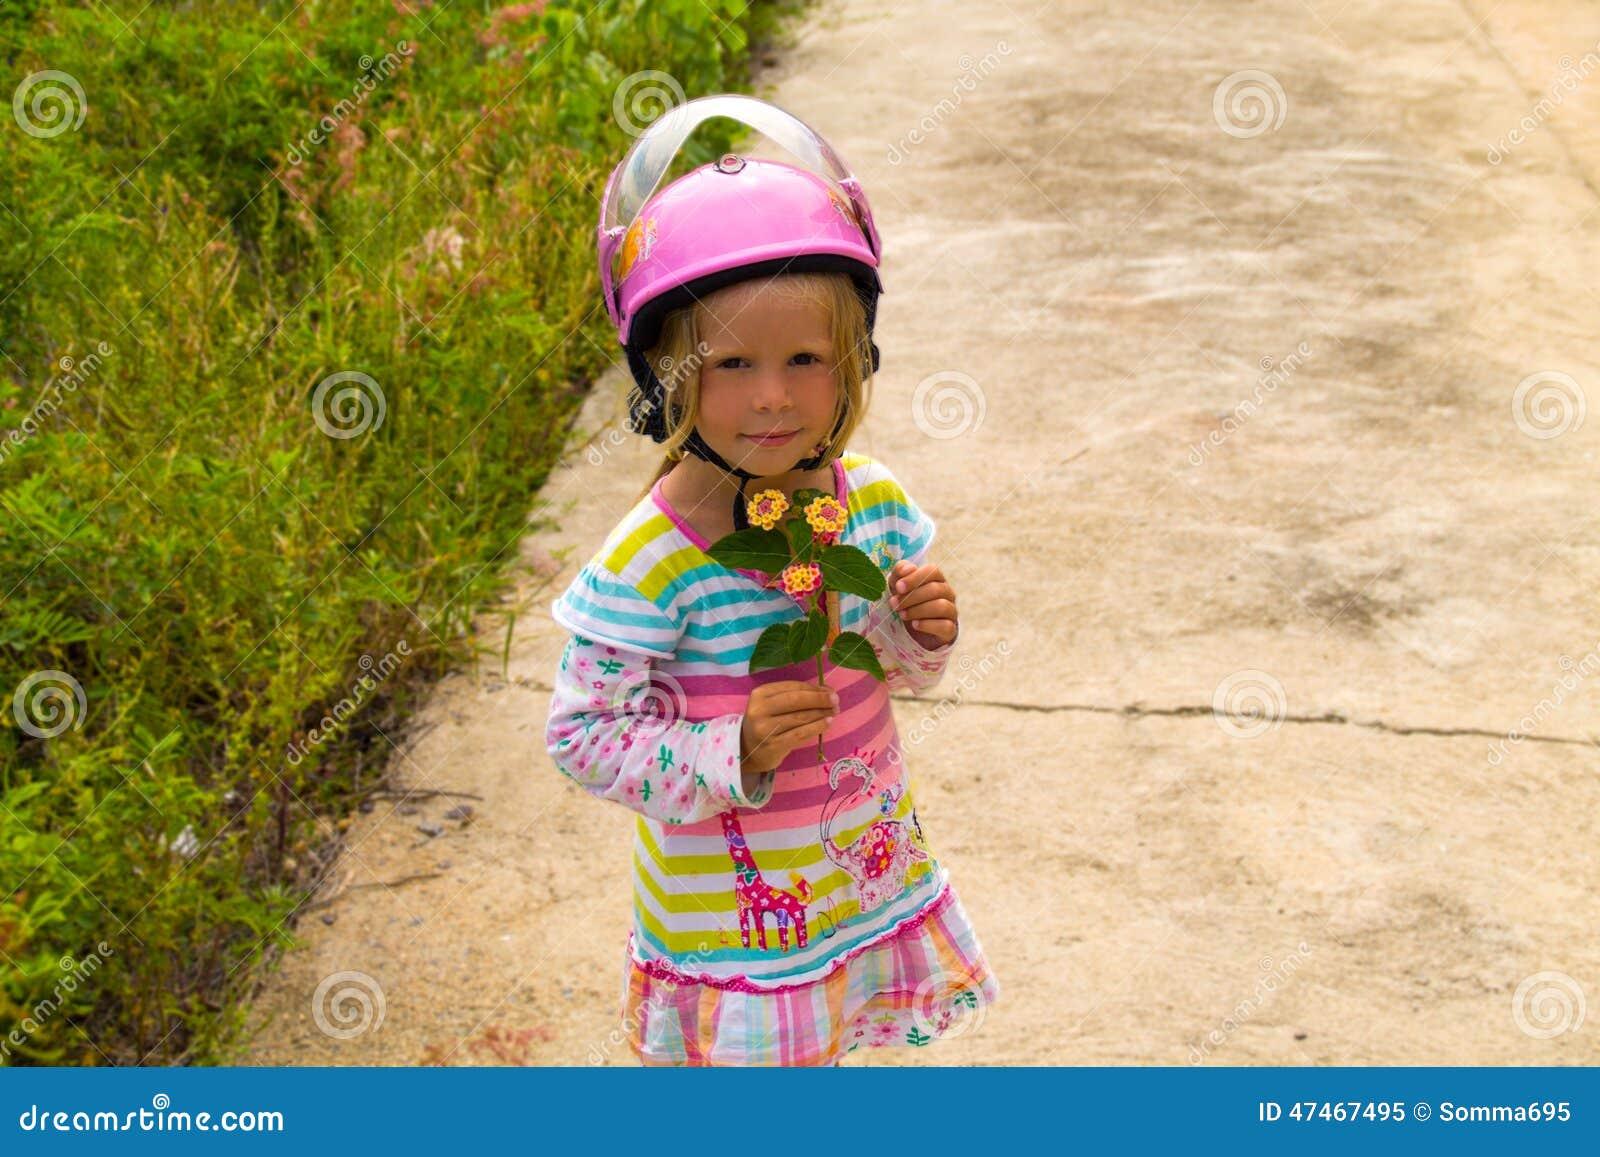 petite fille dans un casque de moto photo stock image 47467495. Black Bedroom Furniture Sets. Home Design Ideas